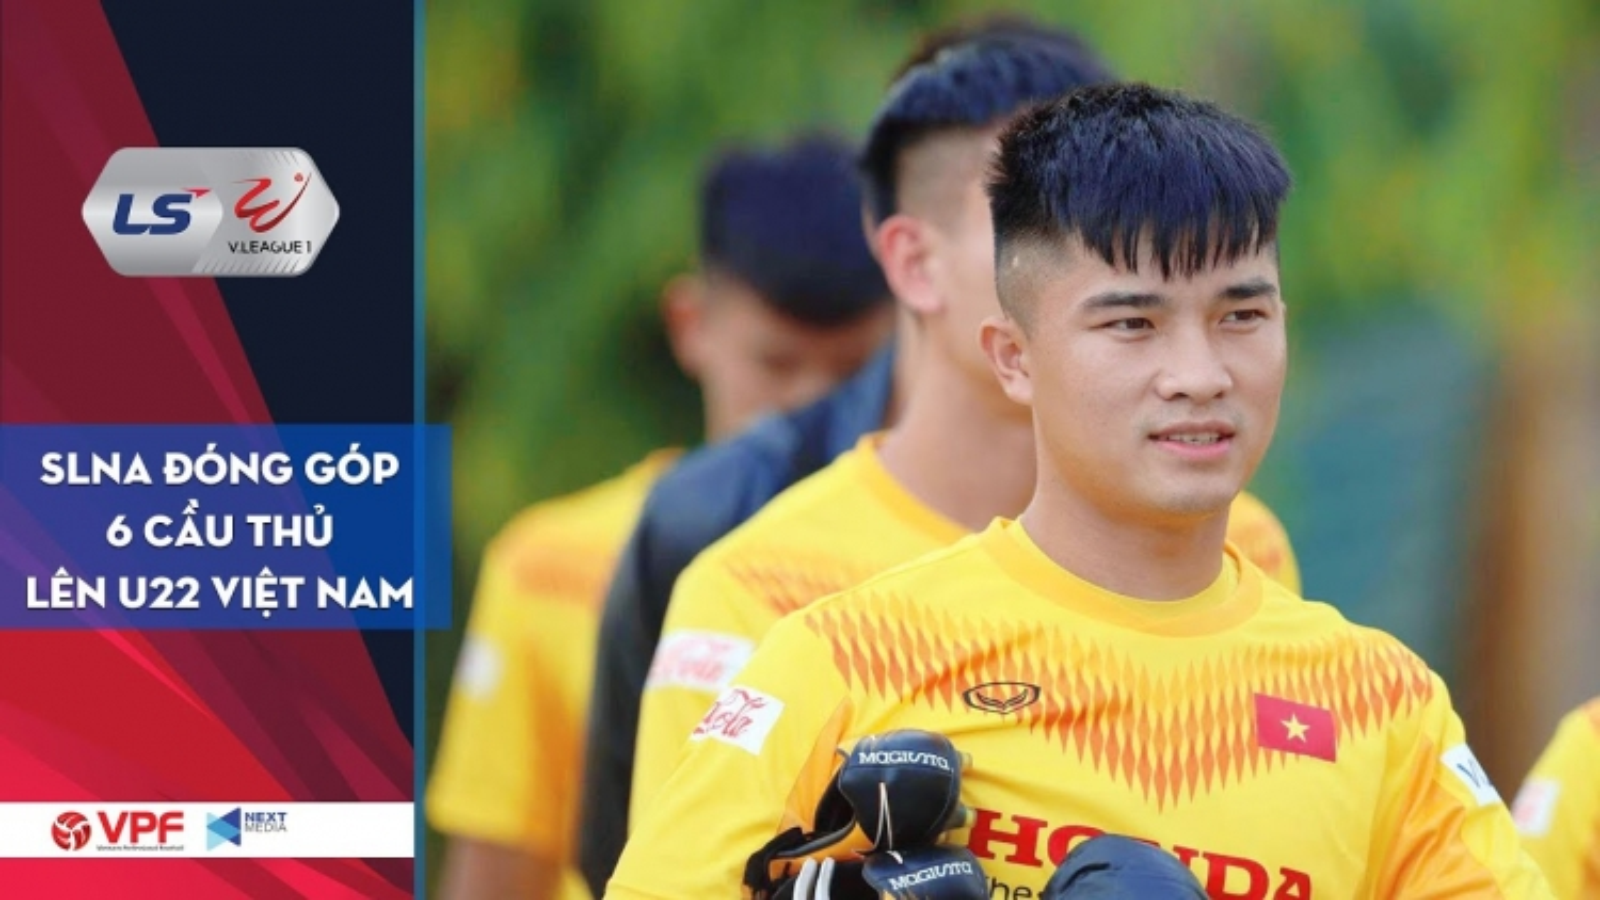 Dàn cầu thủ SLNA thể hiện ra sao trong đợt tập trung U22 Việt Nam?